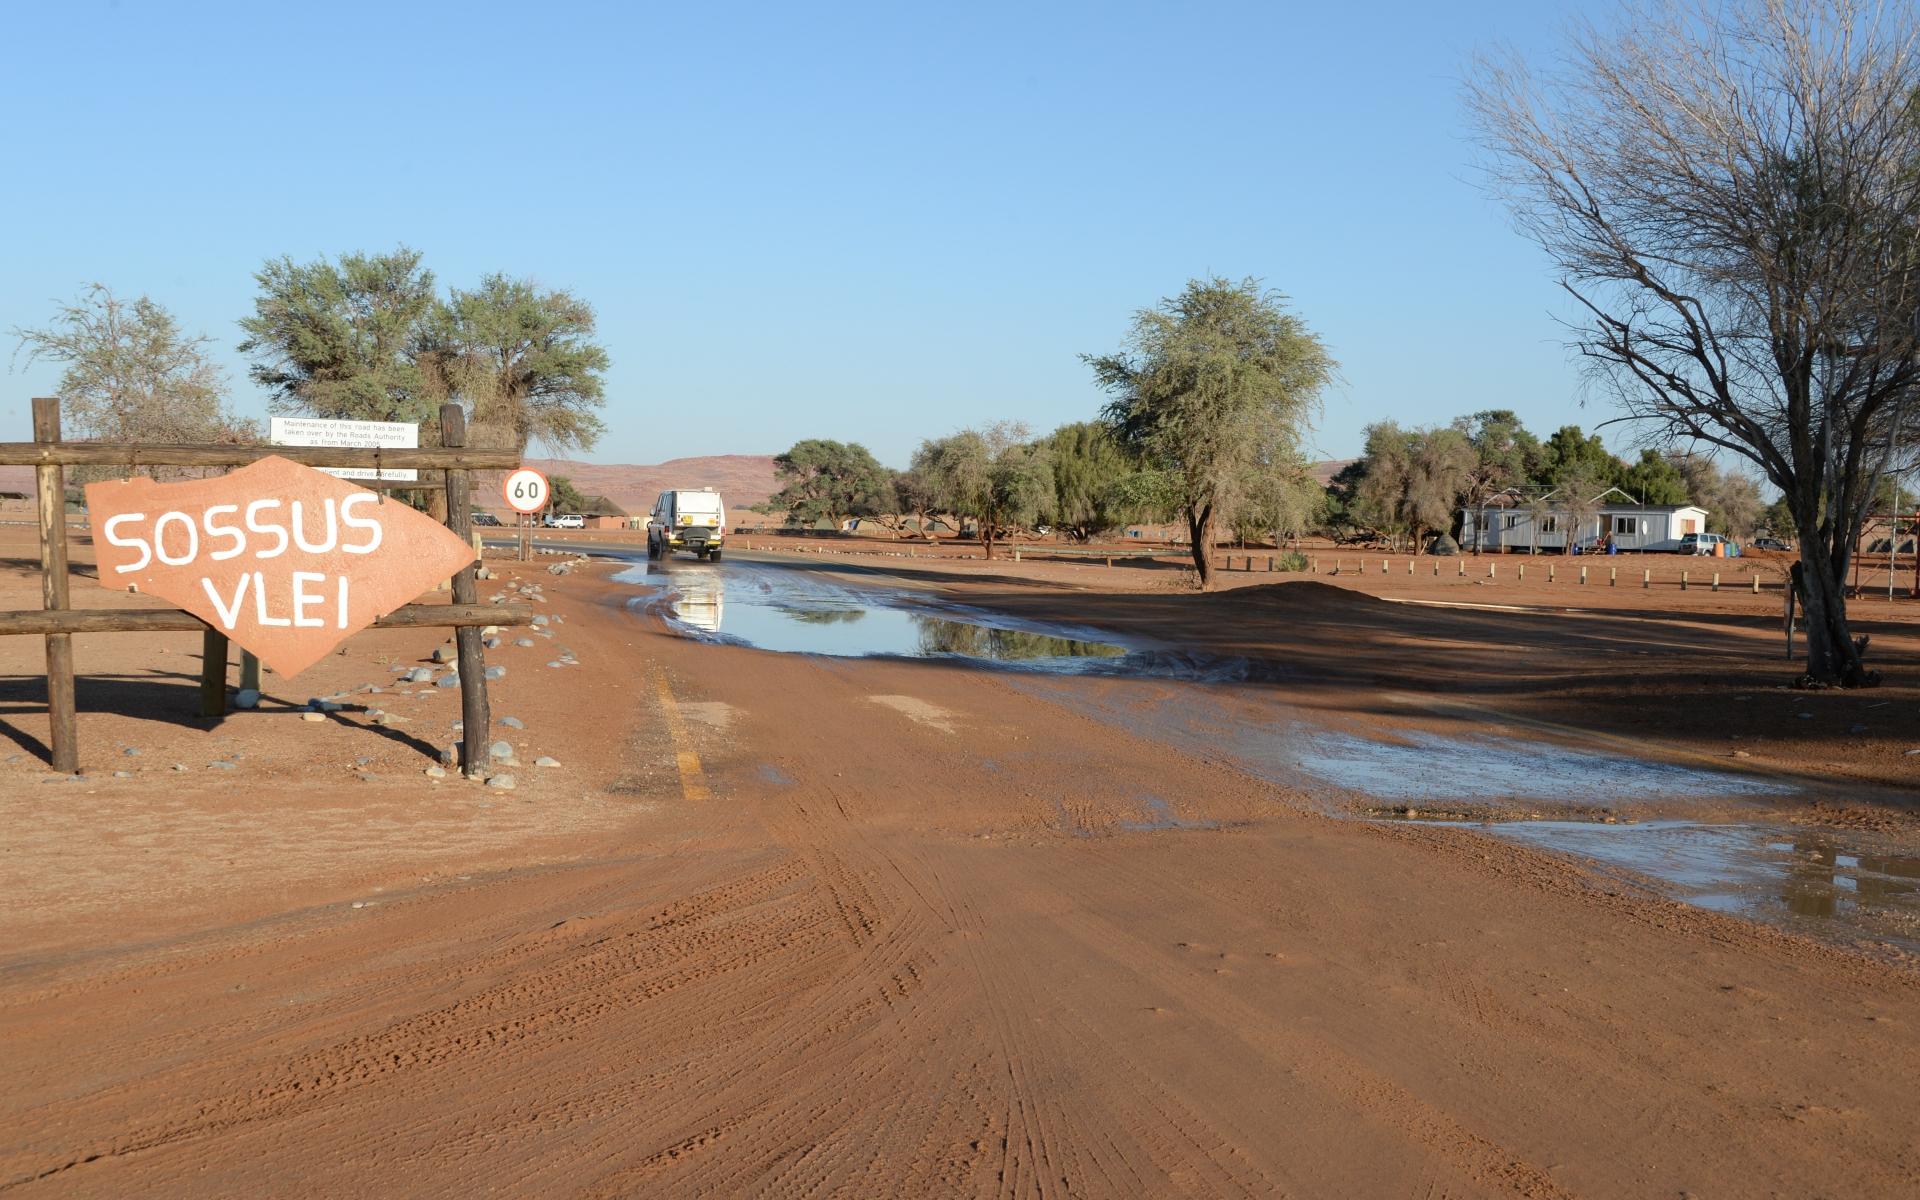 Namibia_Sossusvlei_Deadvlei_04